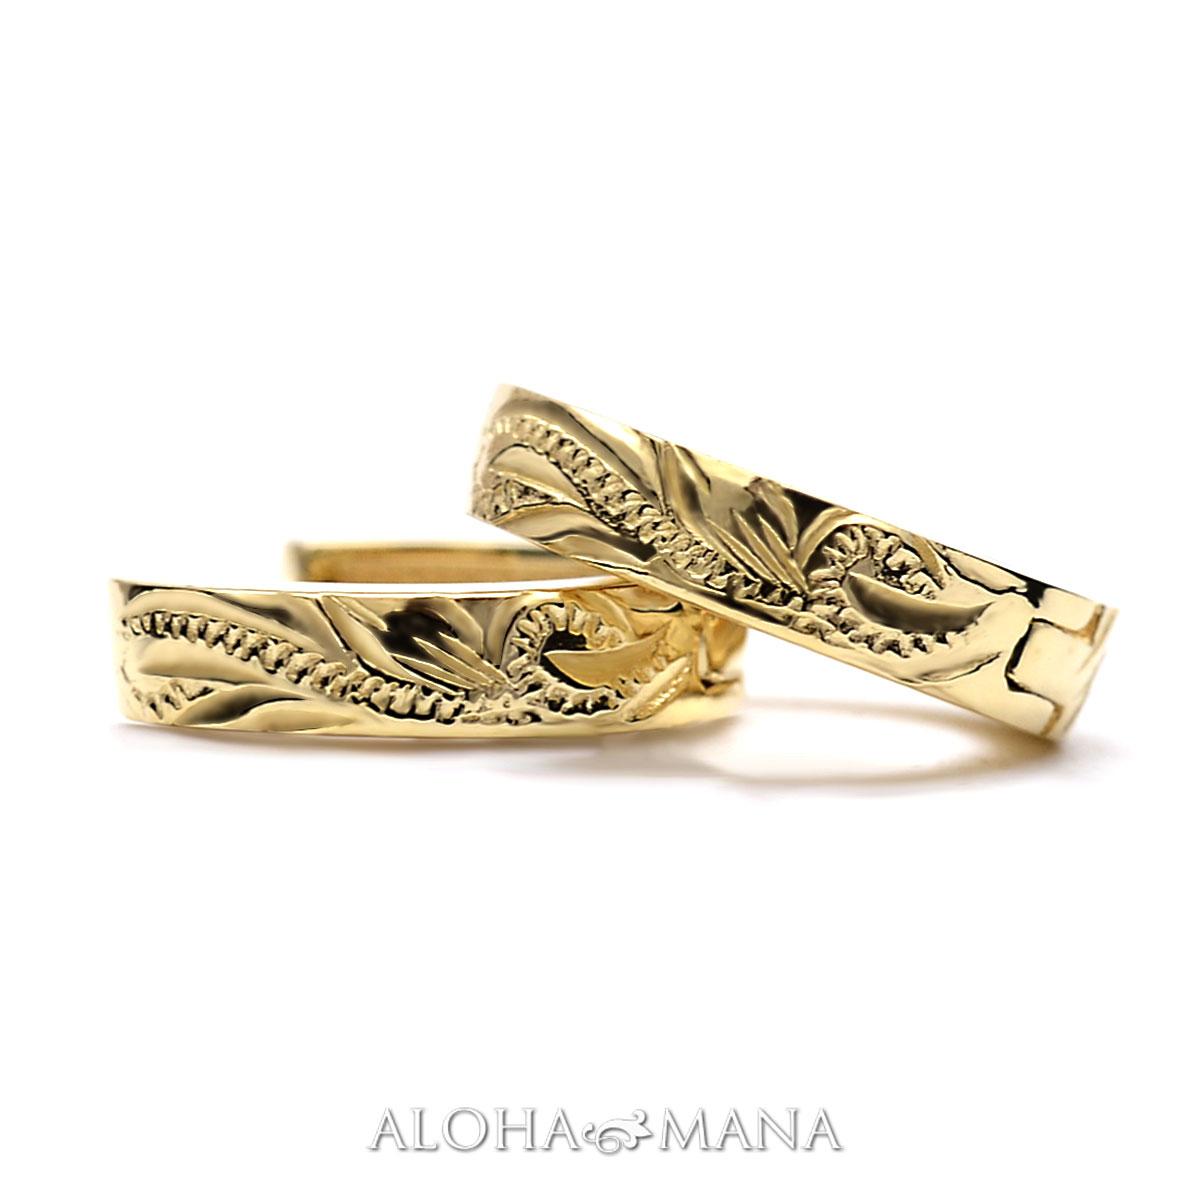 ハワイアンジュエリー ピアス レディース メンズ(K18 ゴールド 18金) スクロール ソリッド フープピアス ape1263ae